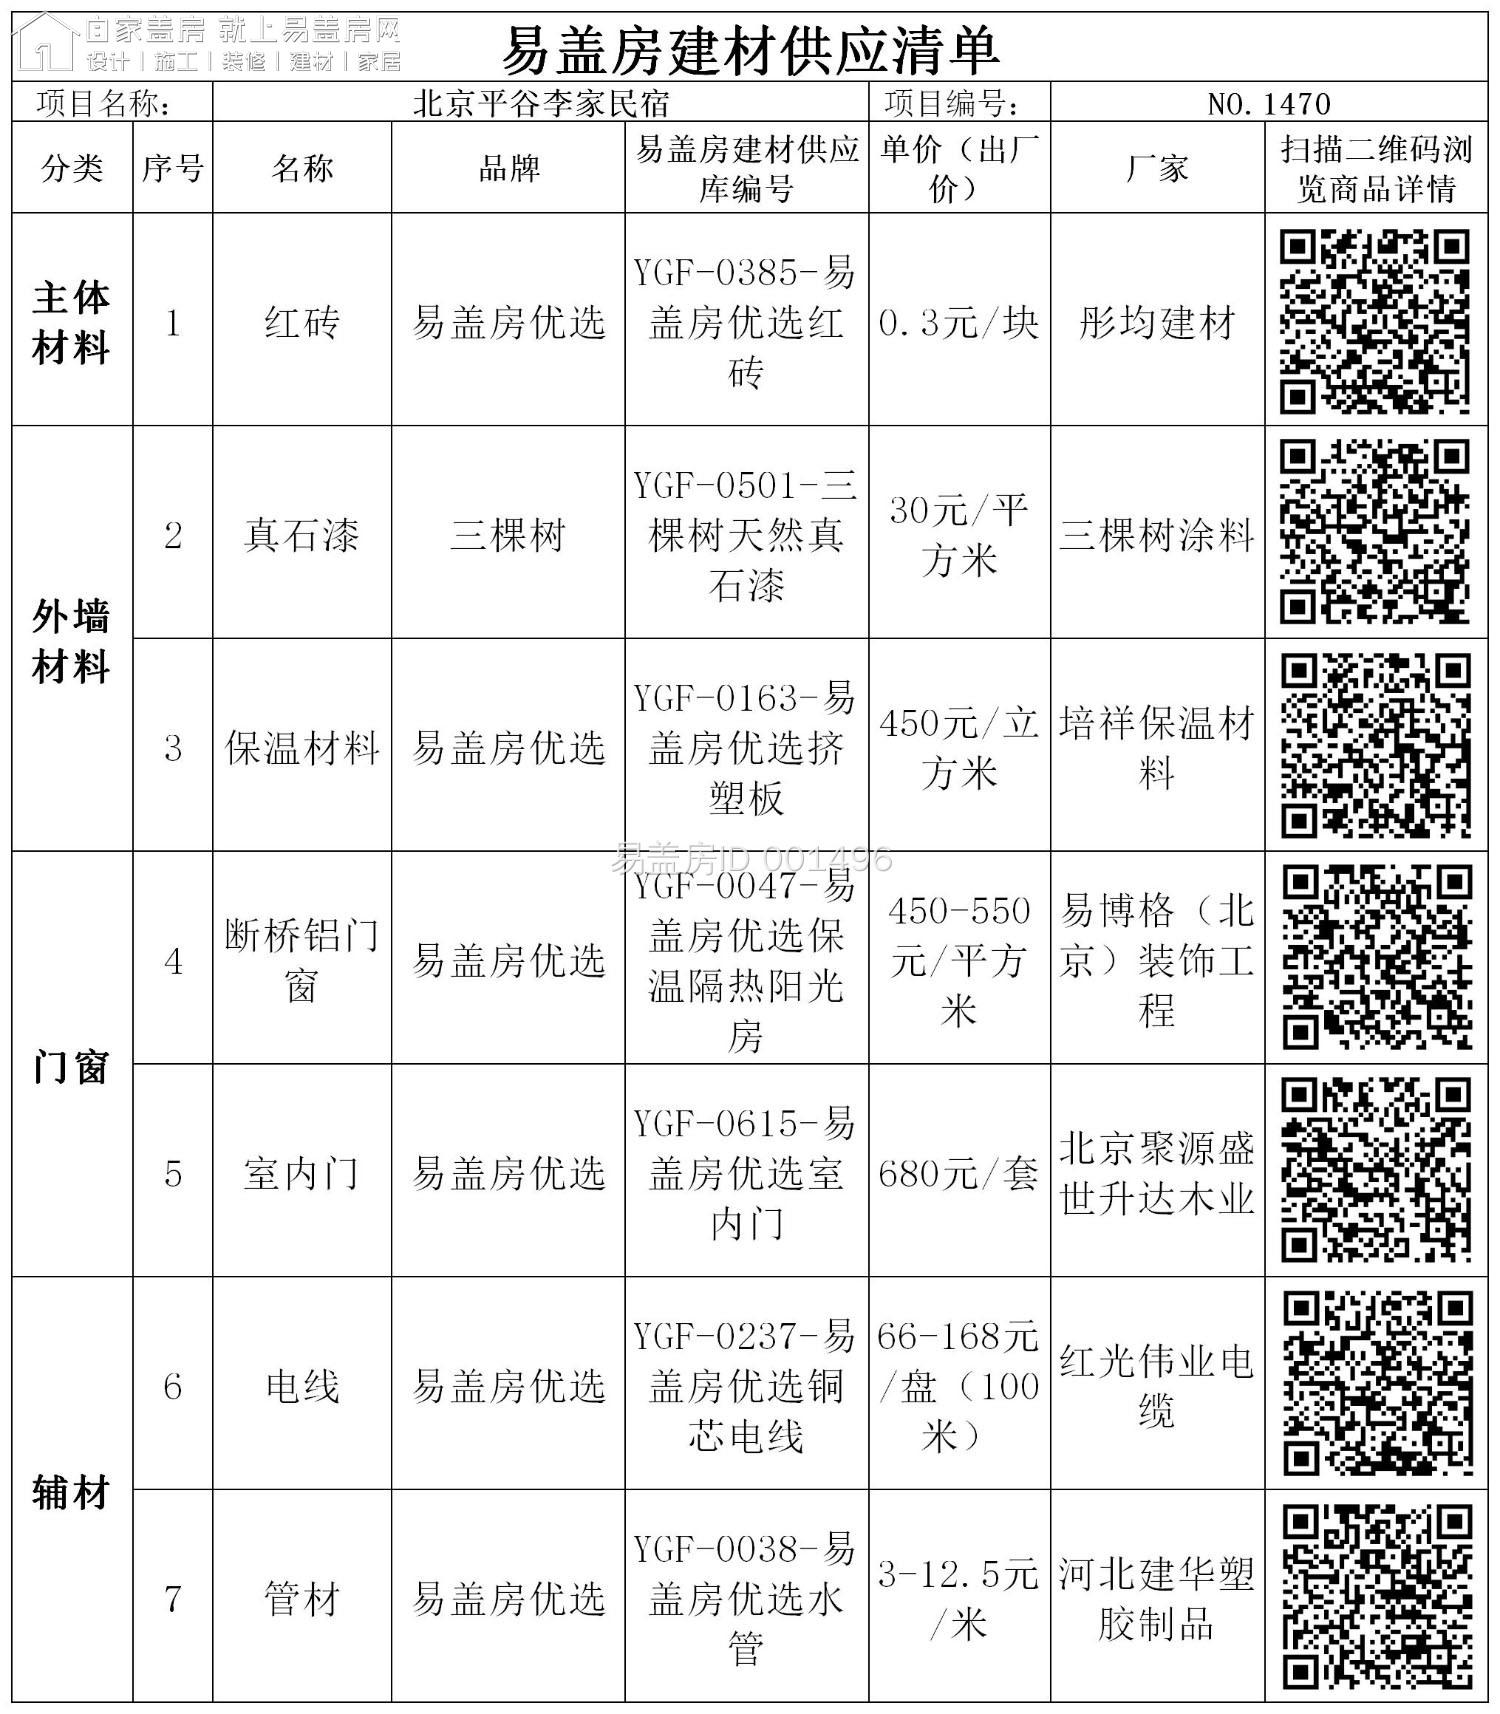 7.易盖房建材供应清单-平谷李子龙民宿项目.jpg